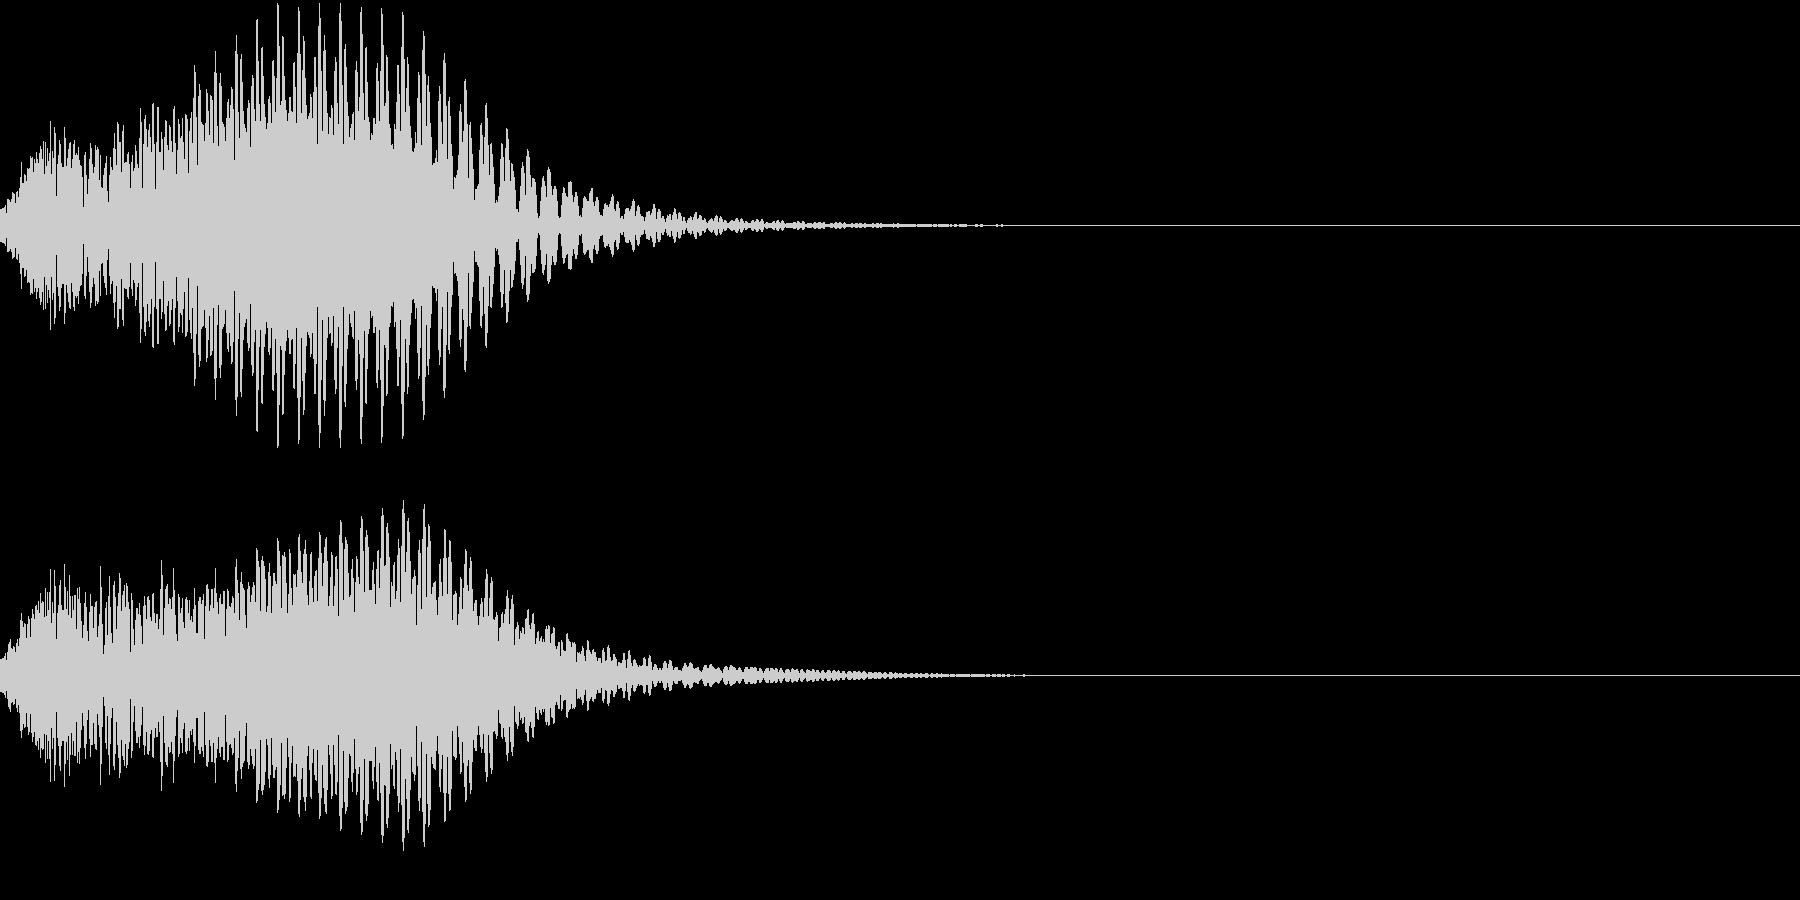 キュイン 光 ピカーン フラッシュ 08の未再生の波形